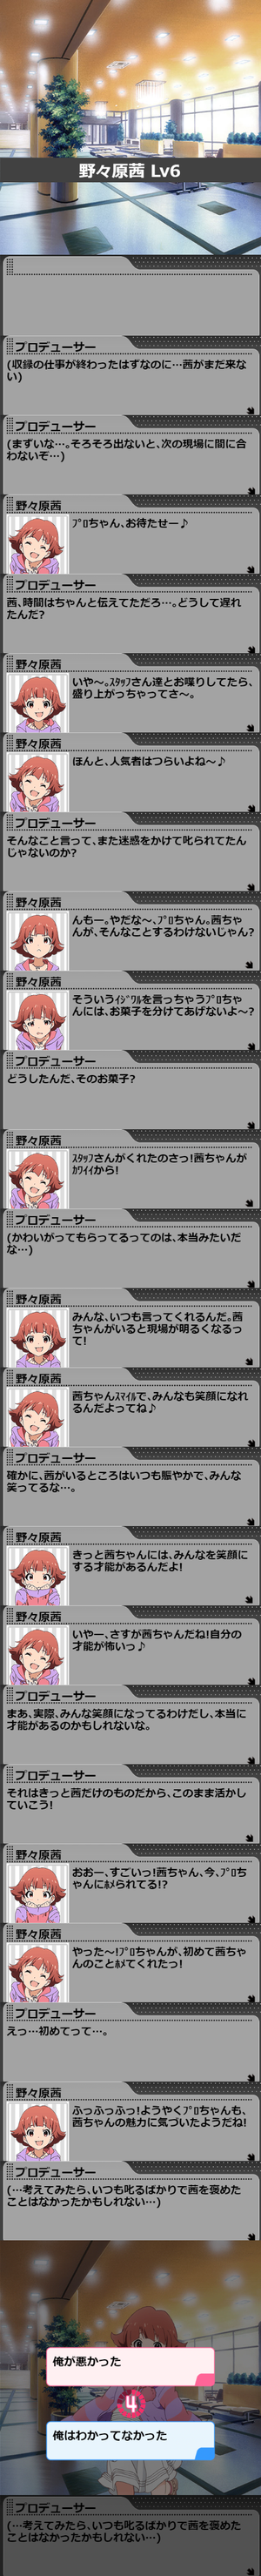 茜LV6_1